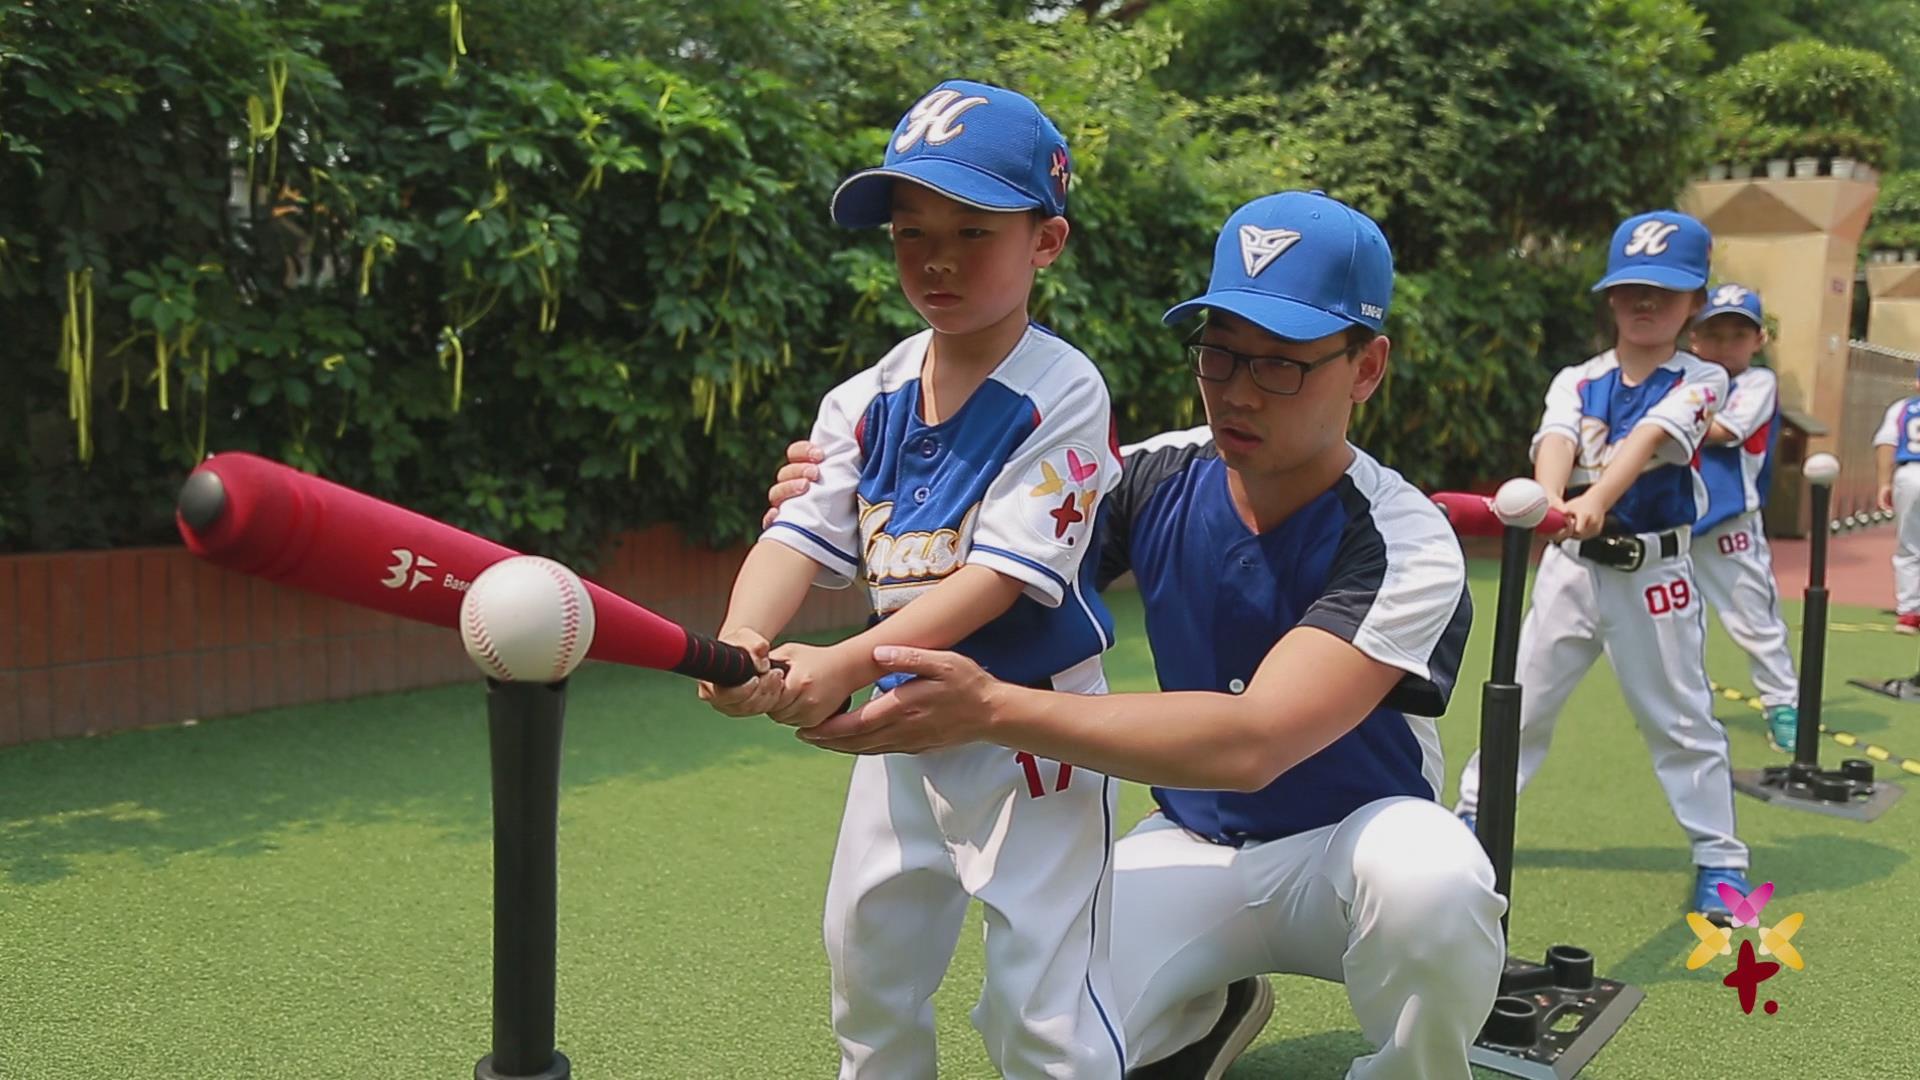 绵阳市花园实验幼儿园幼儿棒垒球活动